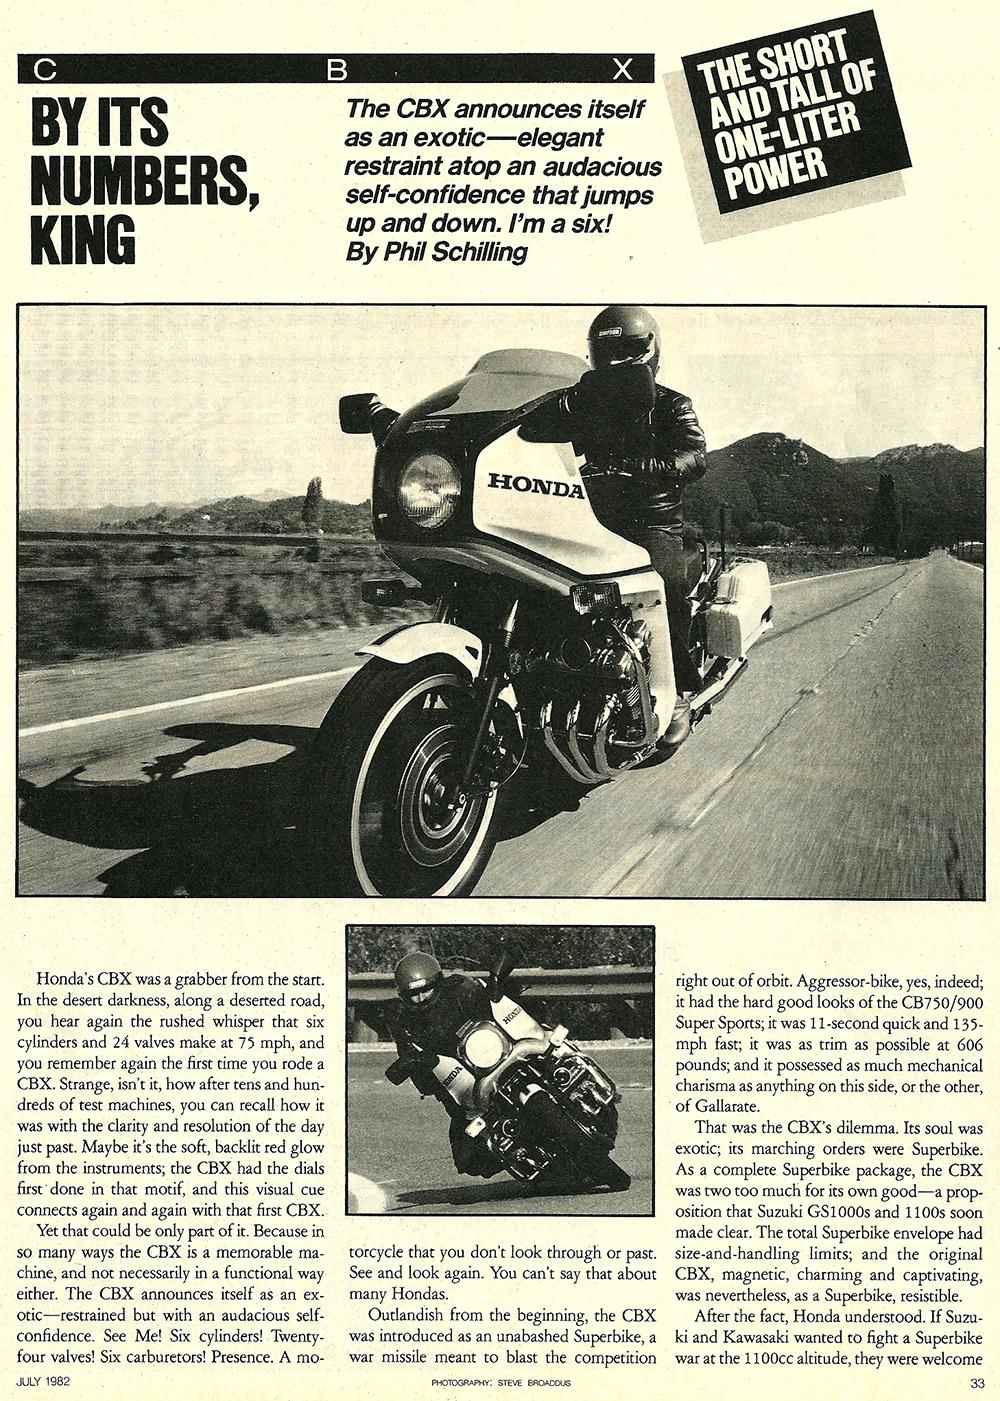 1982 Honda CBX vs CX 500 Turbo road test 03.jpg